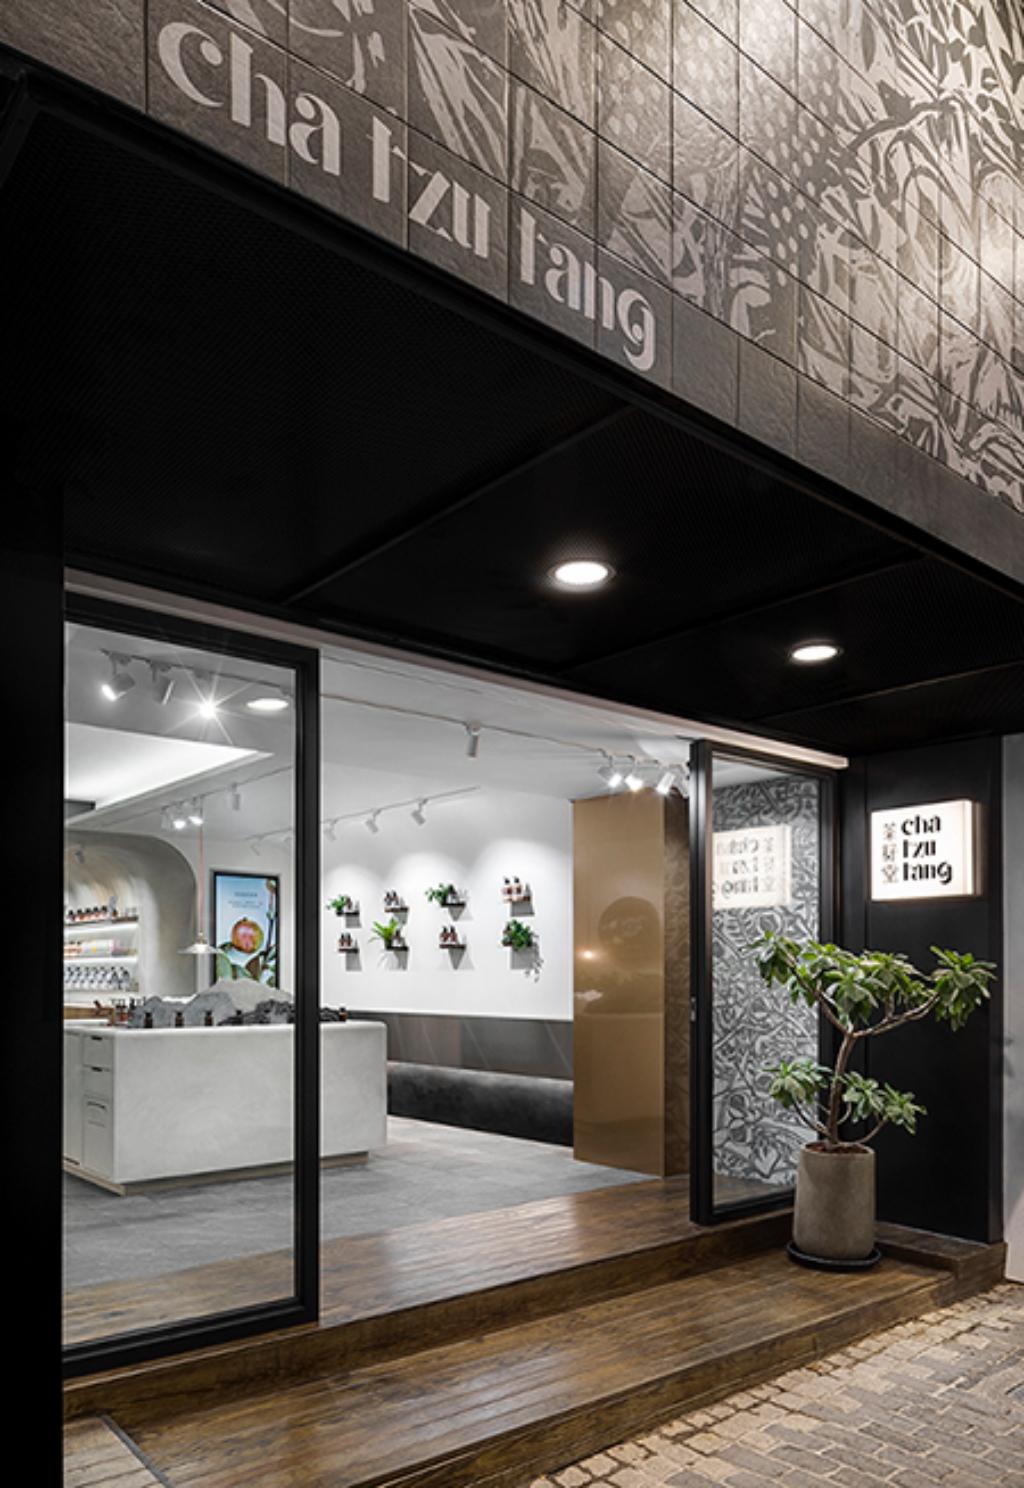 茶籽堂永康街概念店